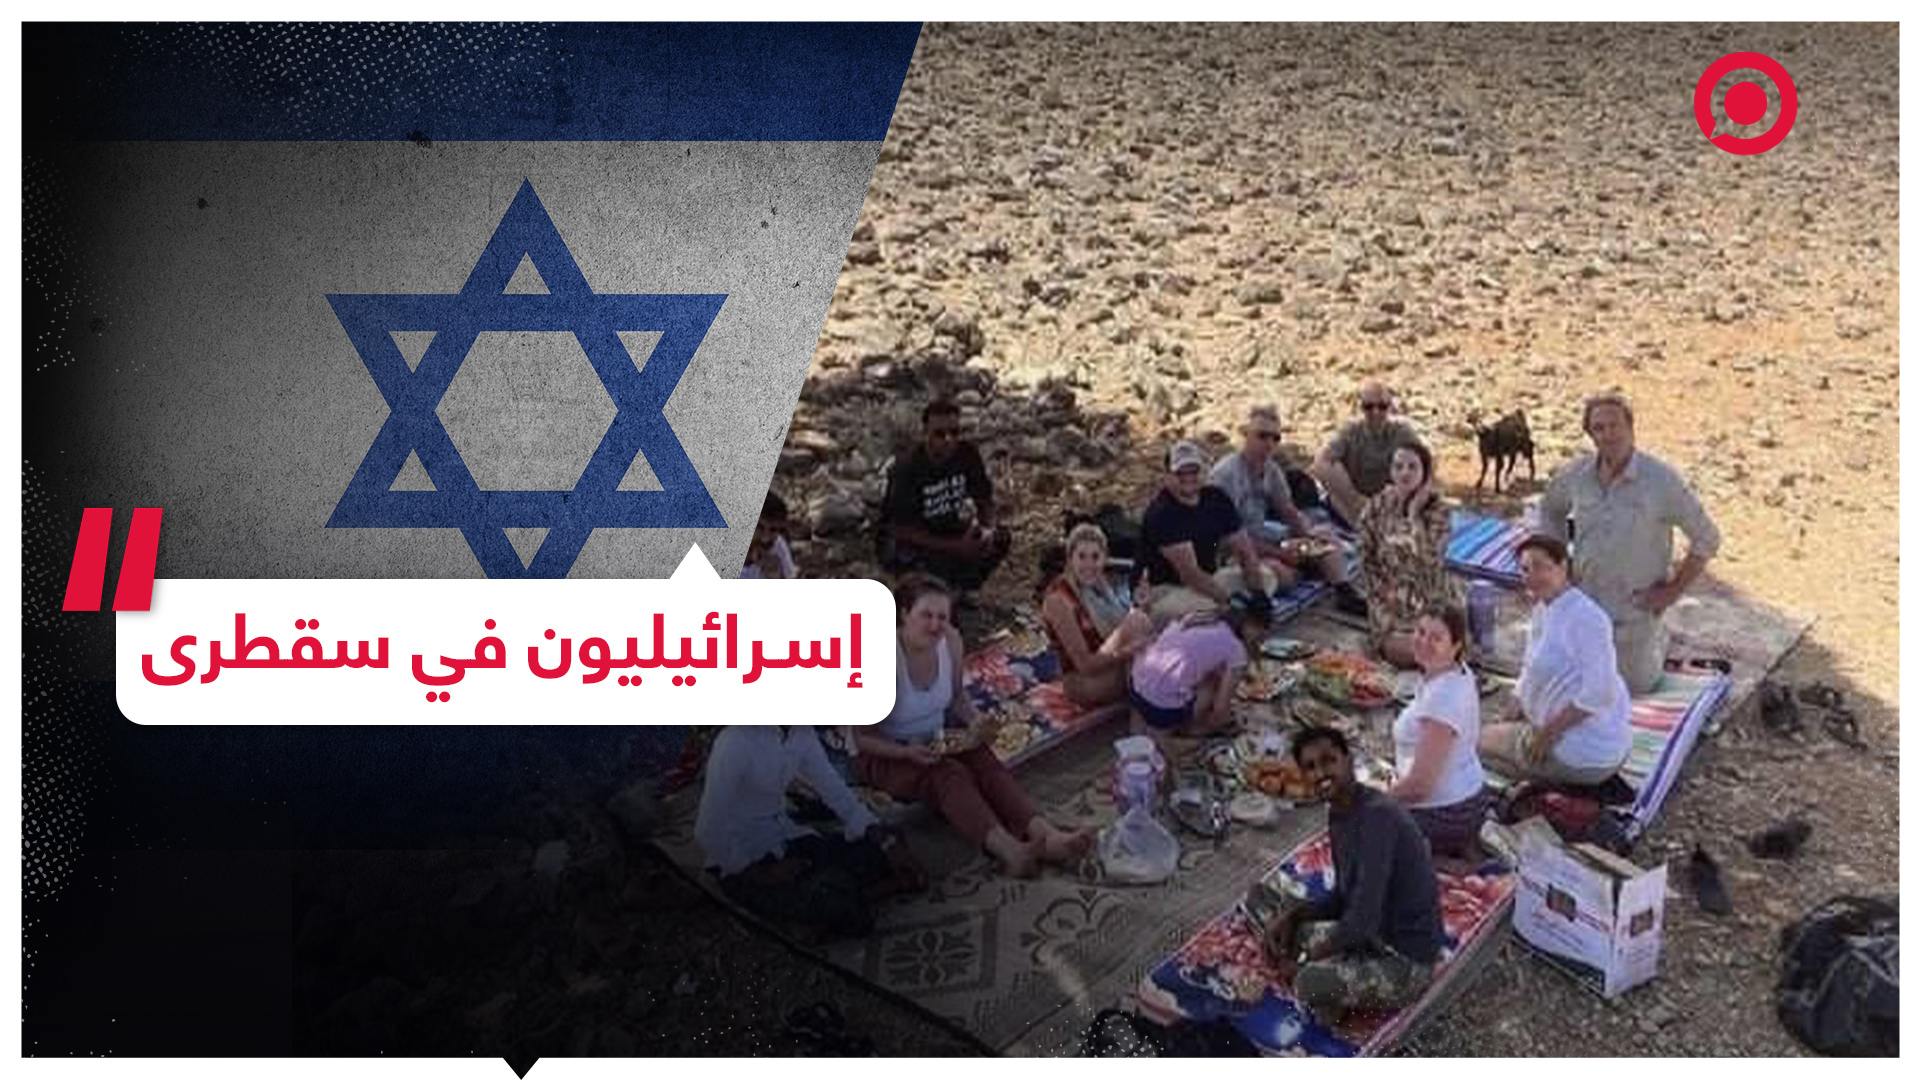 إسرائيليون في سقطرى.. كيف وصلوا؟